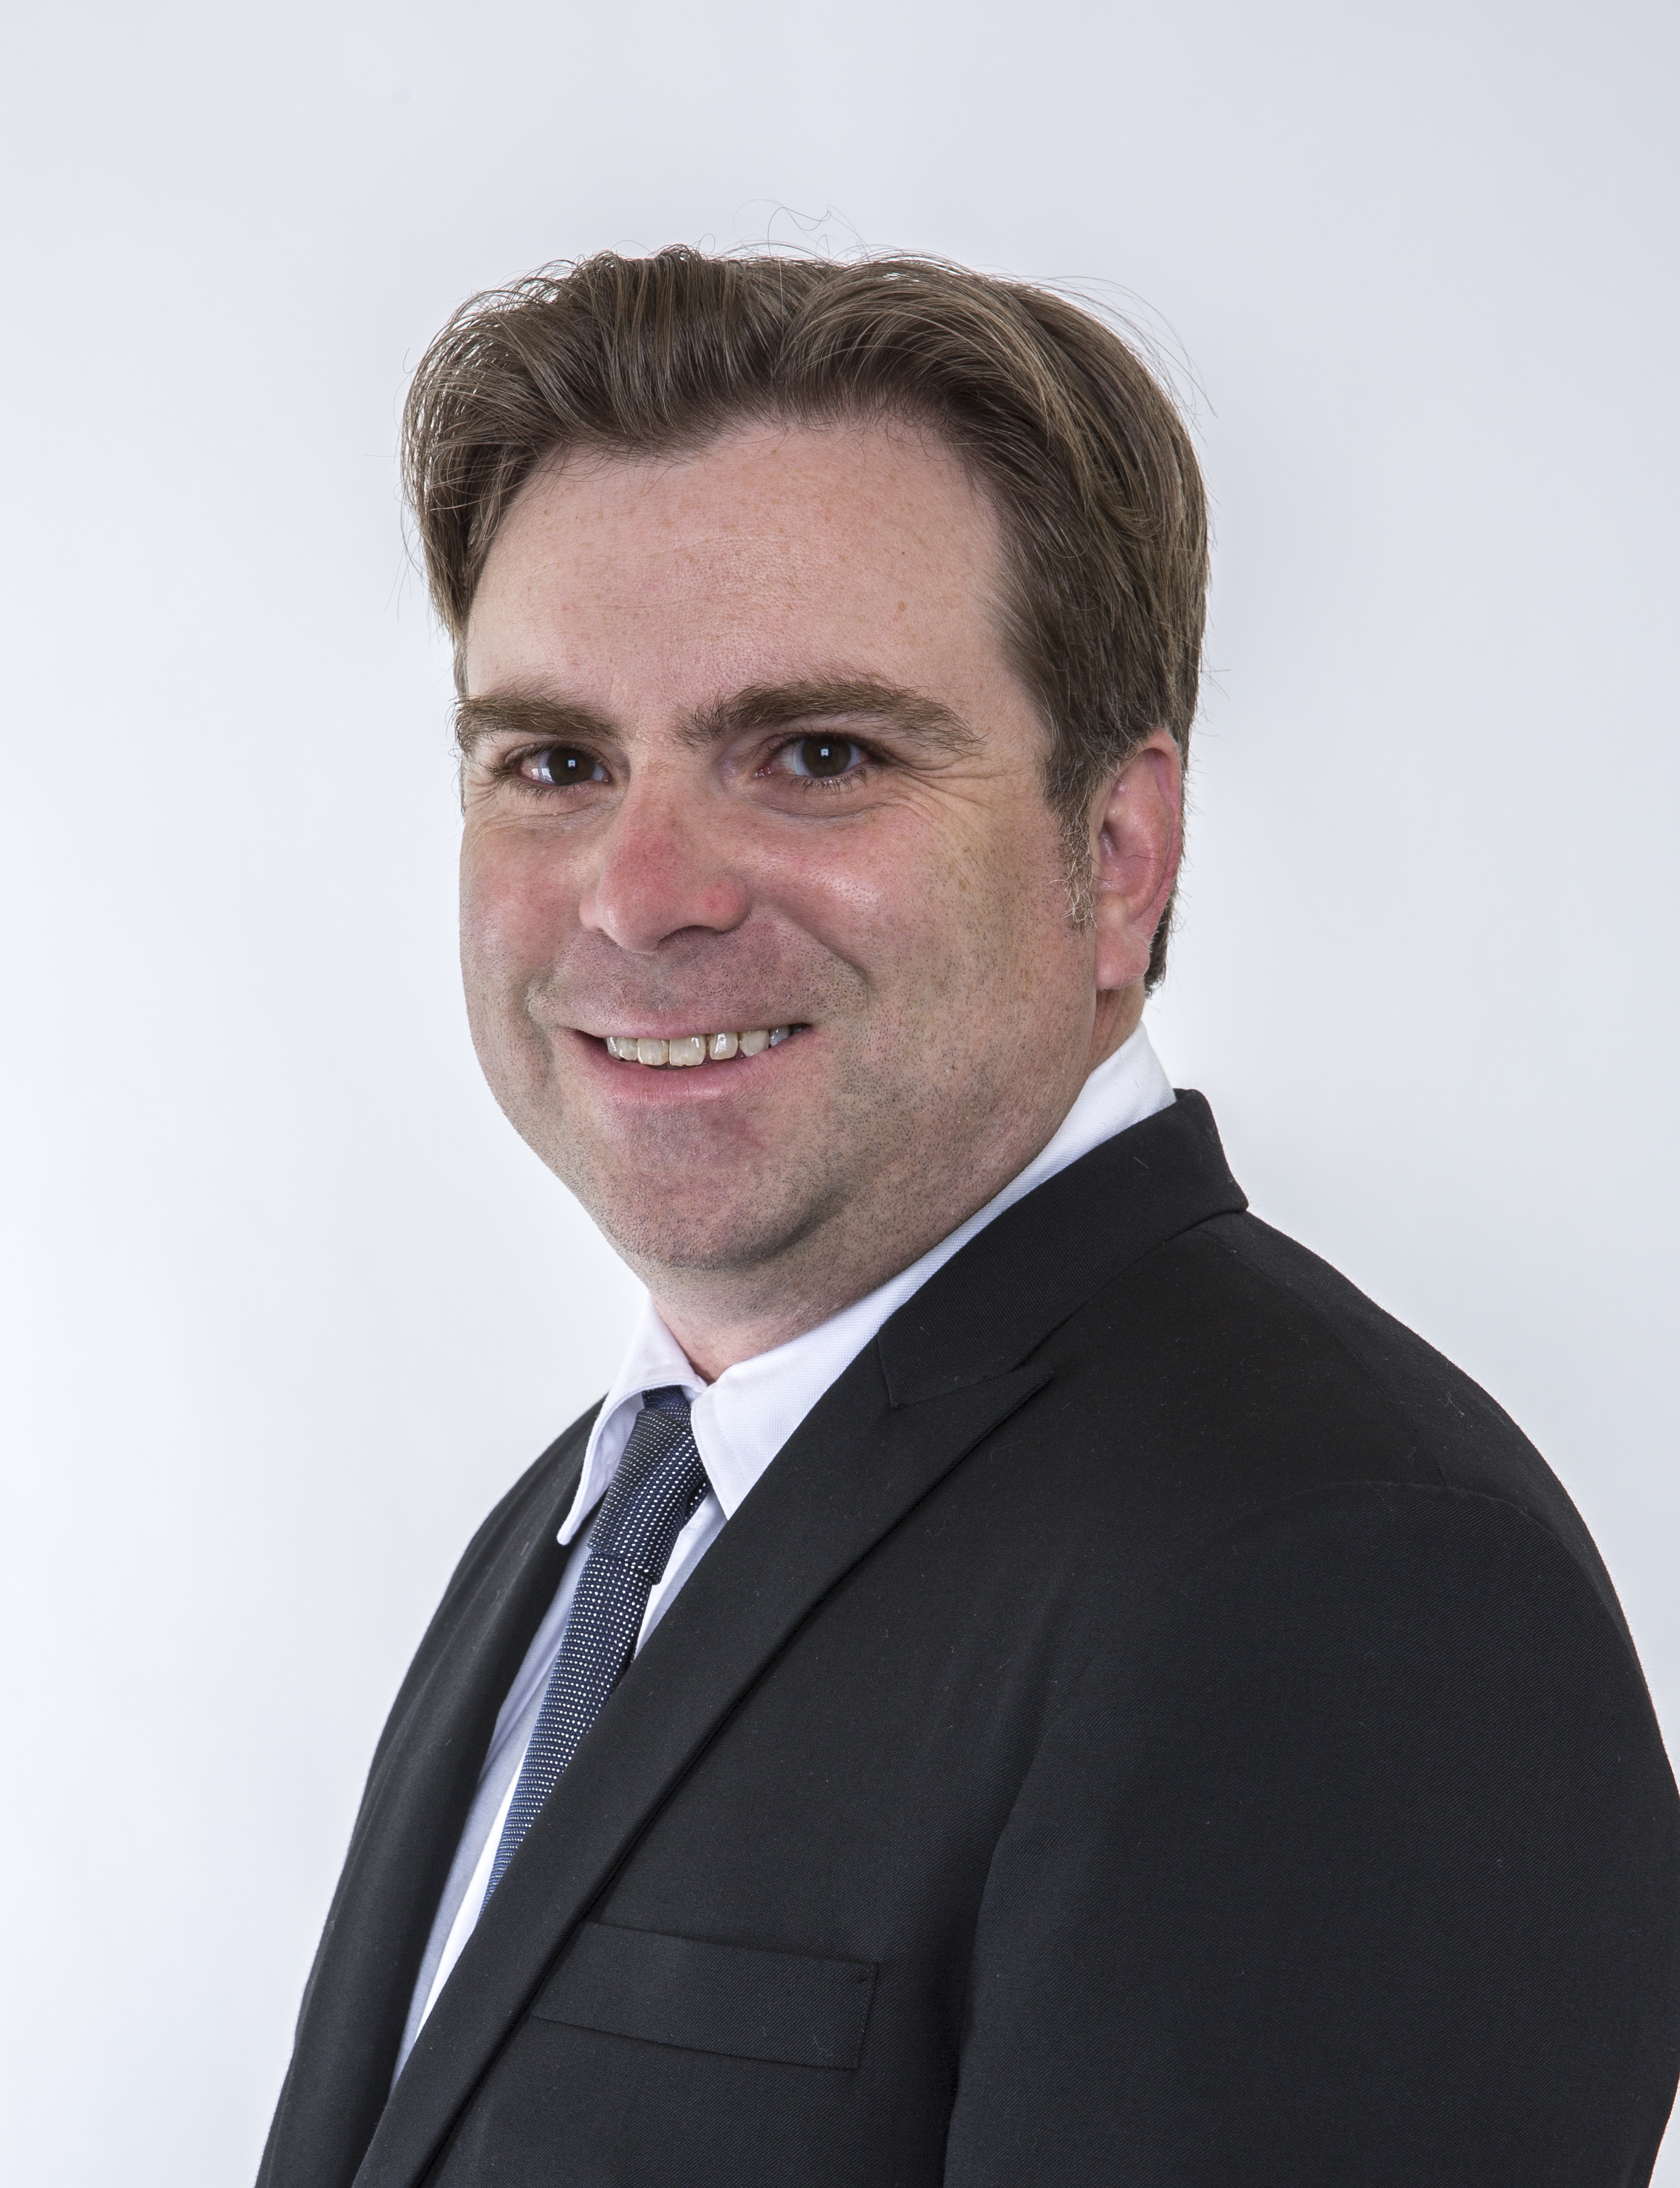 Matthew Renaud